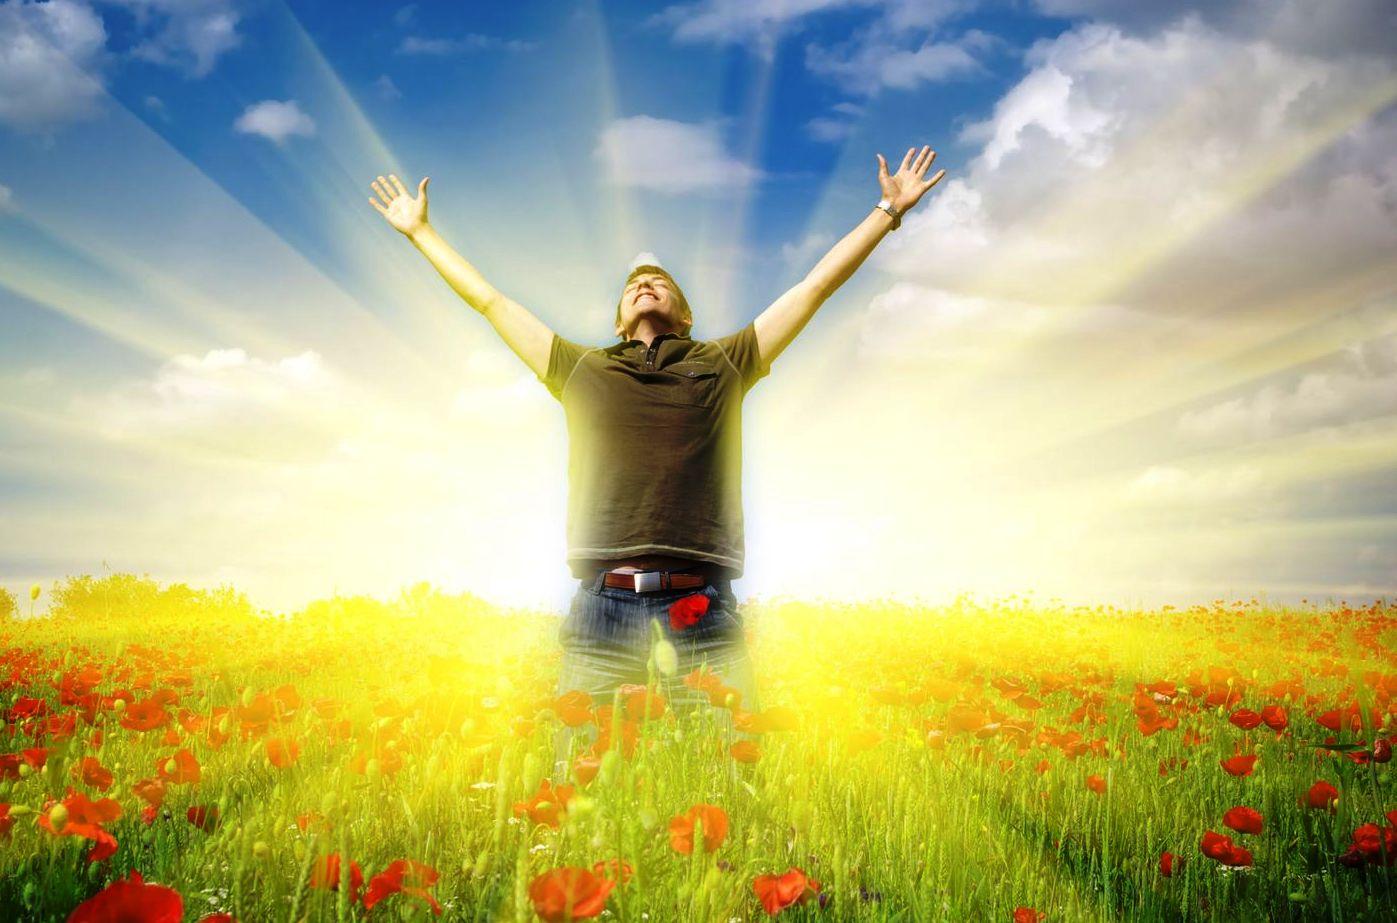 строки красивая картинка солнышко всегда радость для мужчин холла